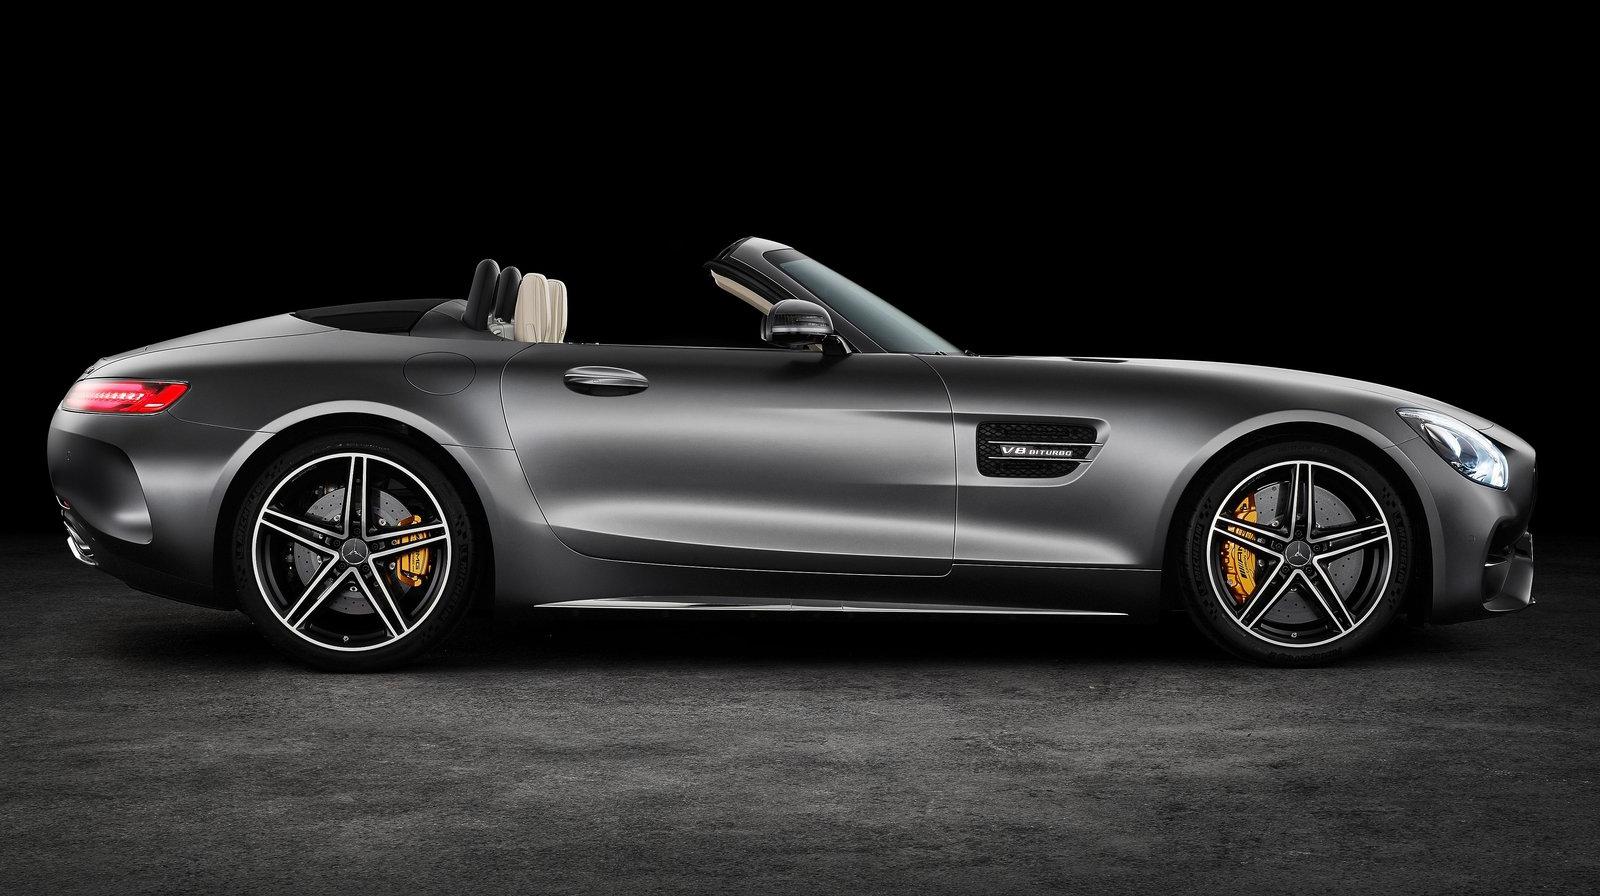 Potencia, lujo, exclusividad y tradición se unen en el AMG-GT Roaster.